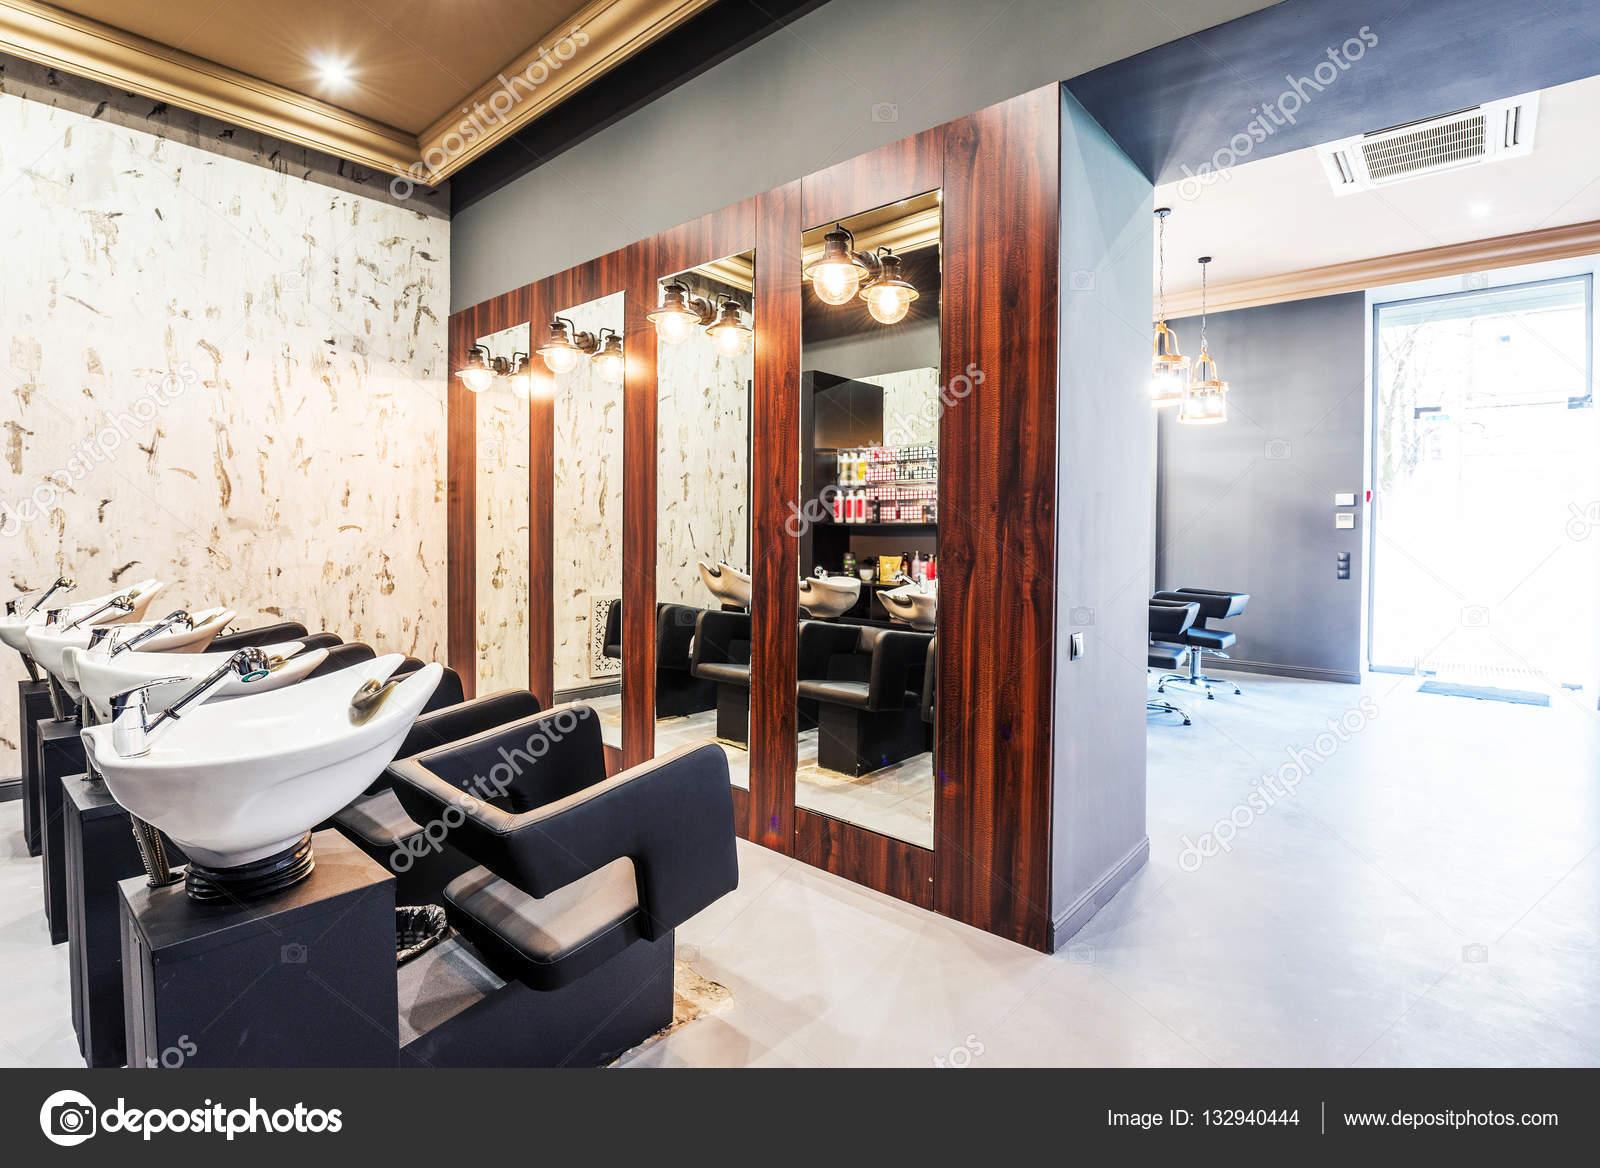 Schoonheidssalon interieur - een rij van haren wassen putten ...